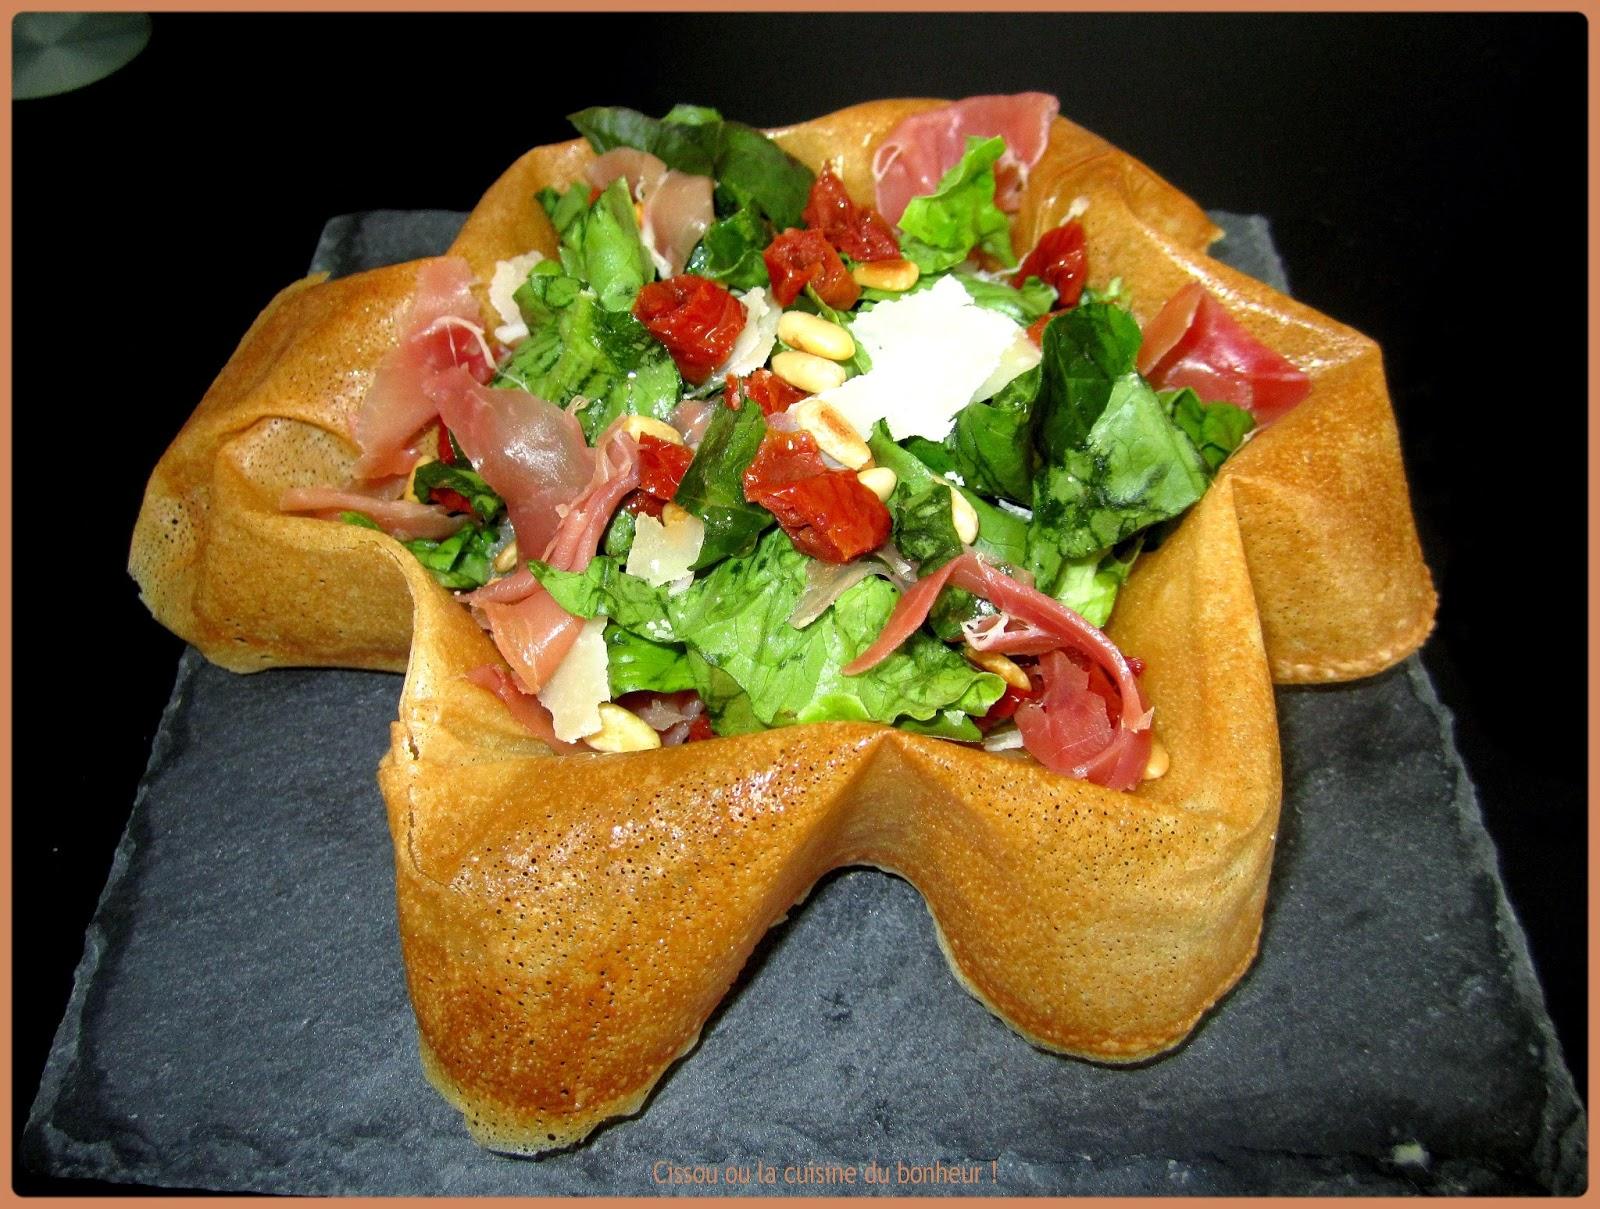 Cissou ou la cuisine du bonheur et blabla en tout genre salade italienne dans sa feuille de - Cuisiner la feuille de brick ...